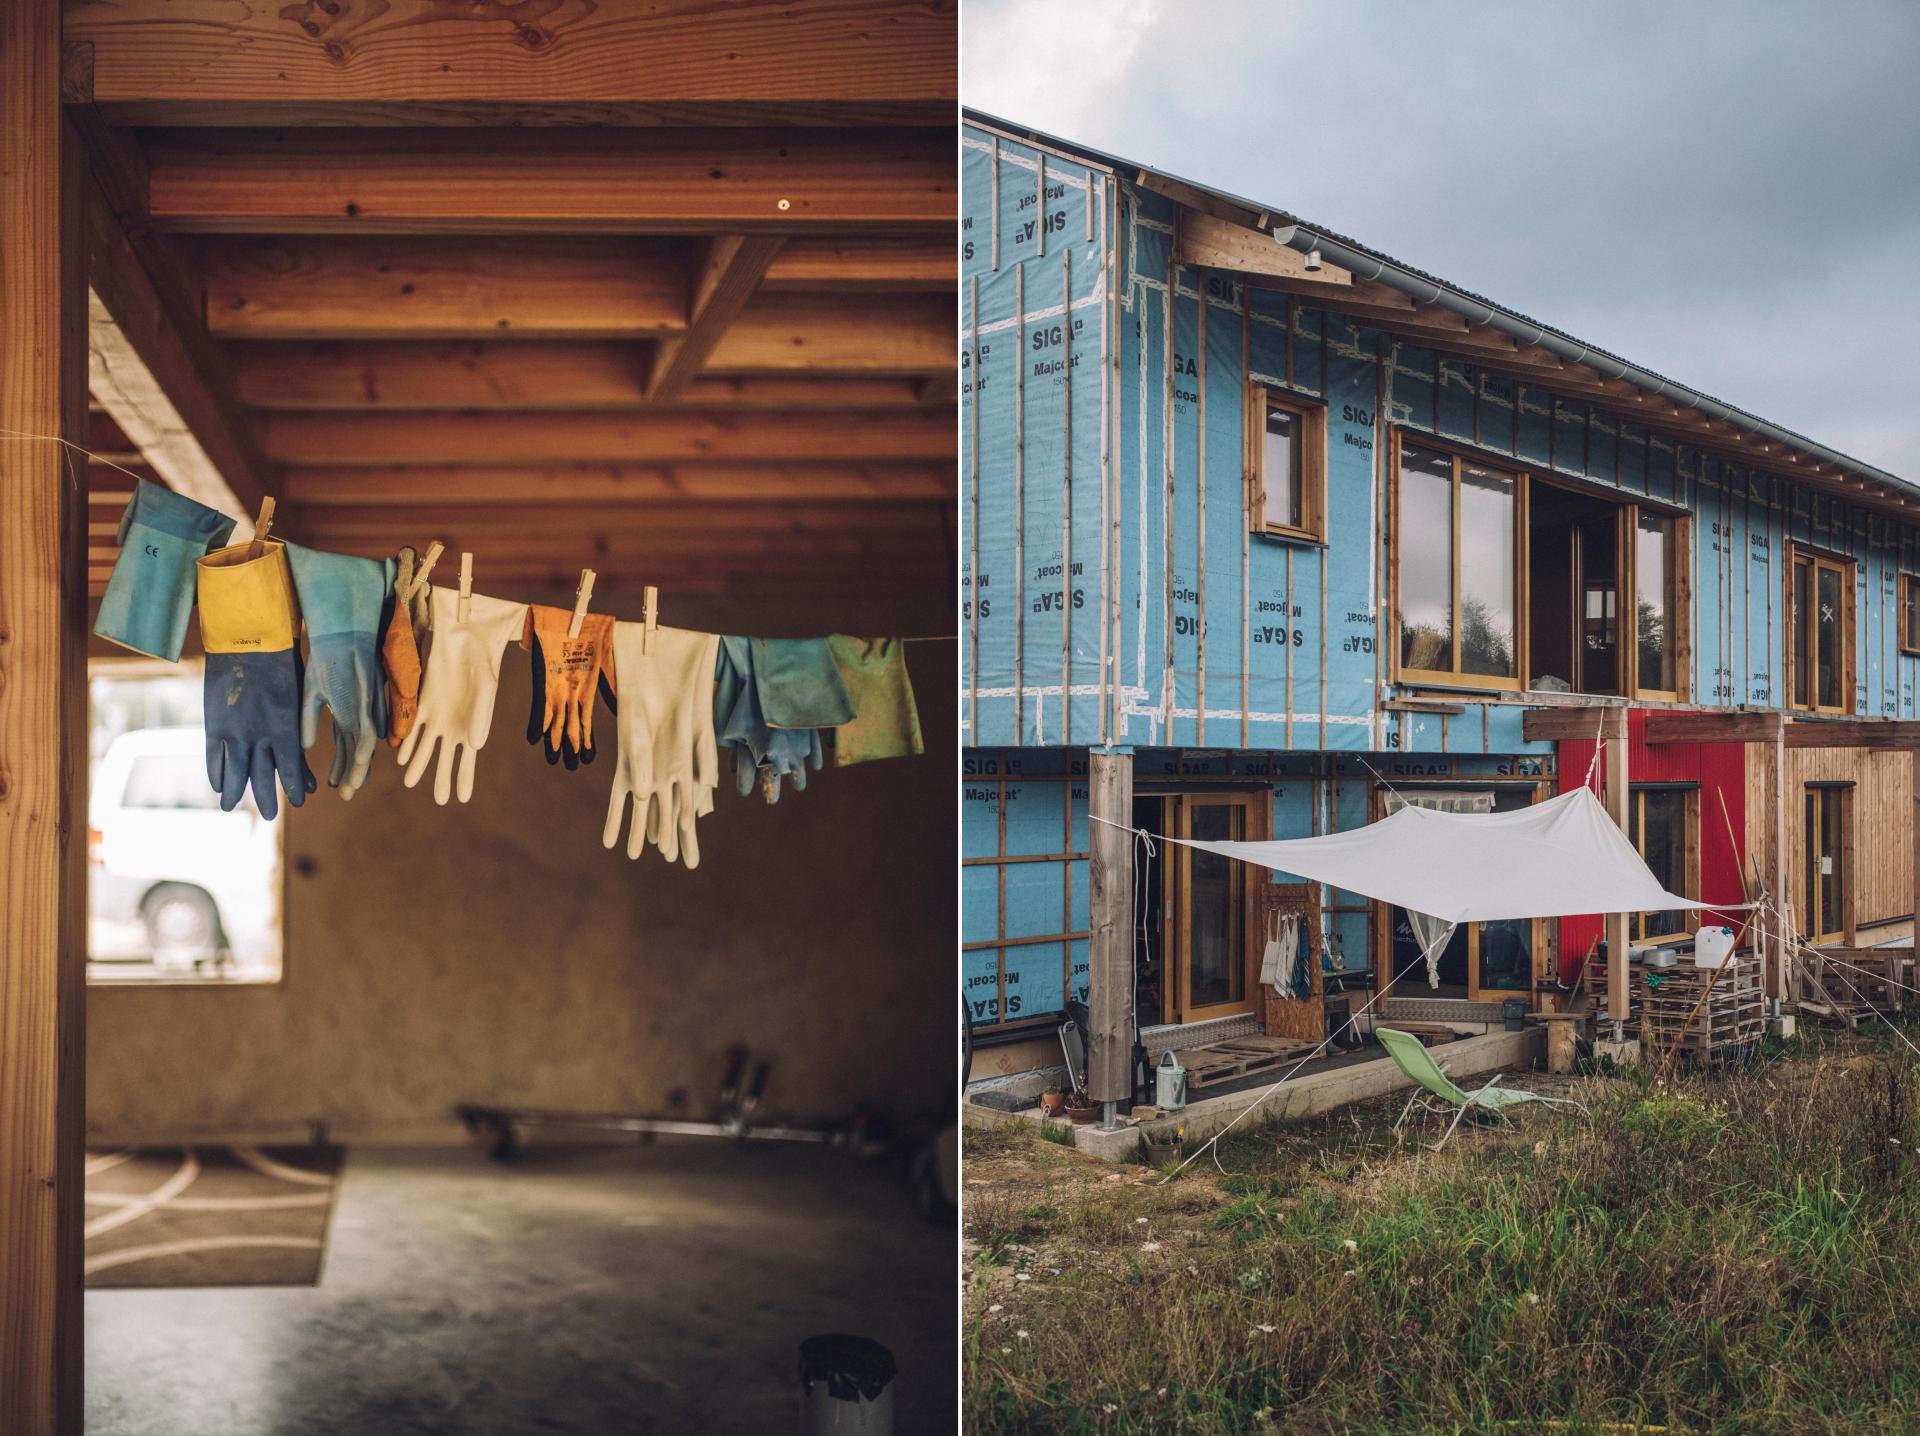 A gauche : l'espace collectif dans lequel pourront se réunir les habitants d'un projet de vie en collectivité à Riec-sur-Bélon (Finistère). A droite : le bâtiment comprenant cinq logements, en travaux, le 14 septembre 2021.